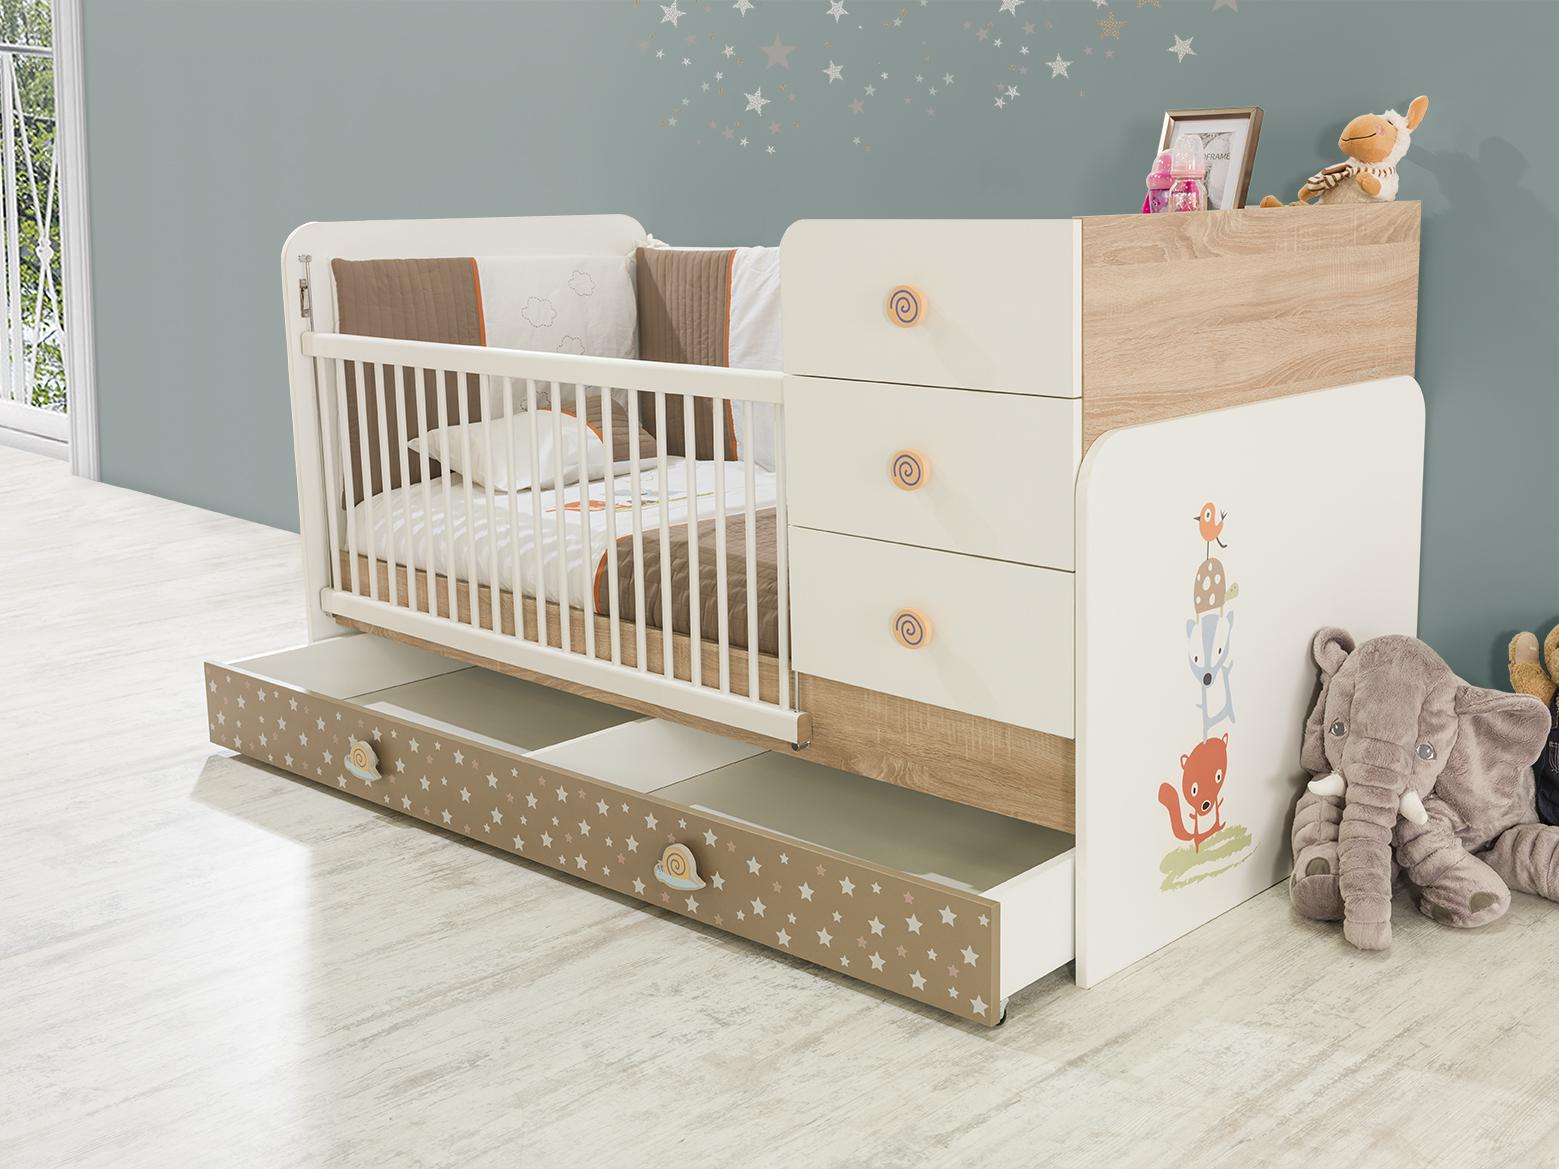 Babyzimmer carino bett vergr erbar braun beige weiss tier for Babyzimmer braun